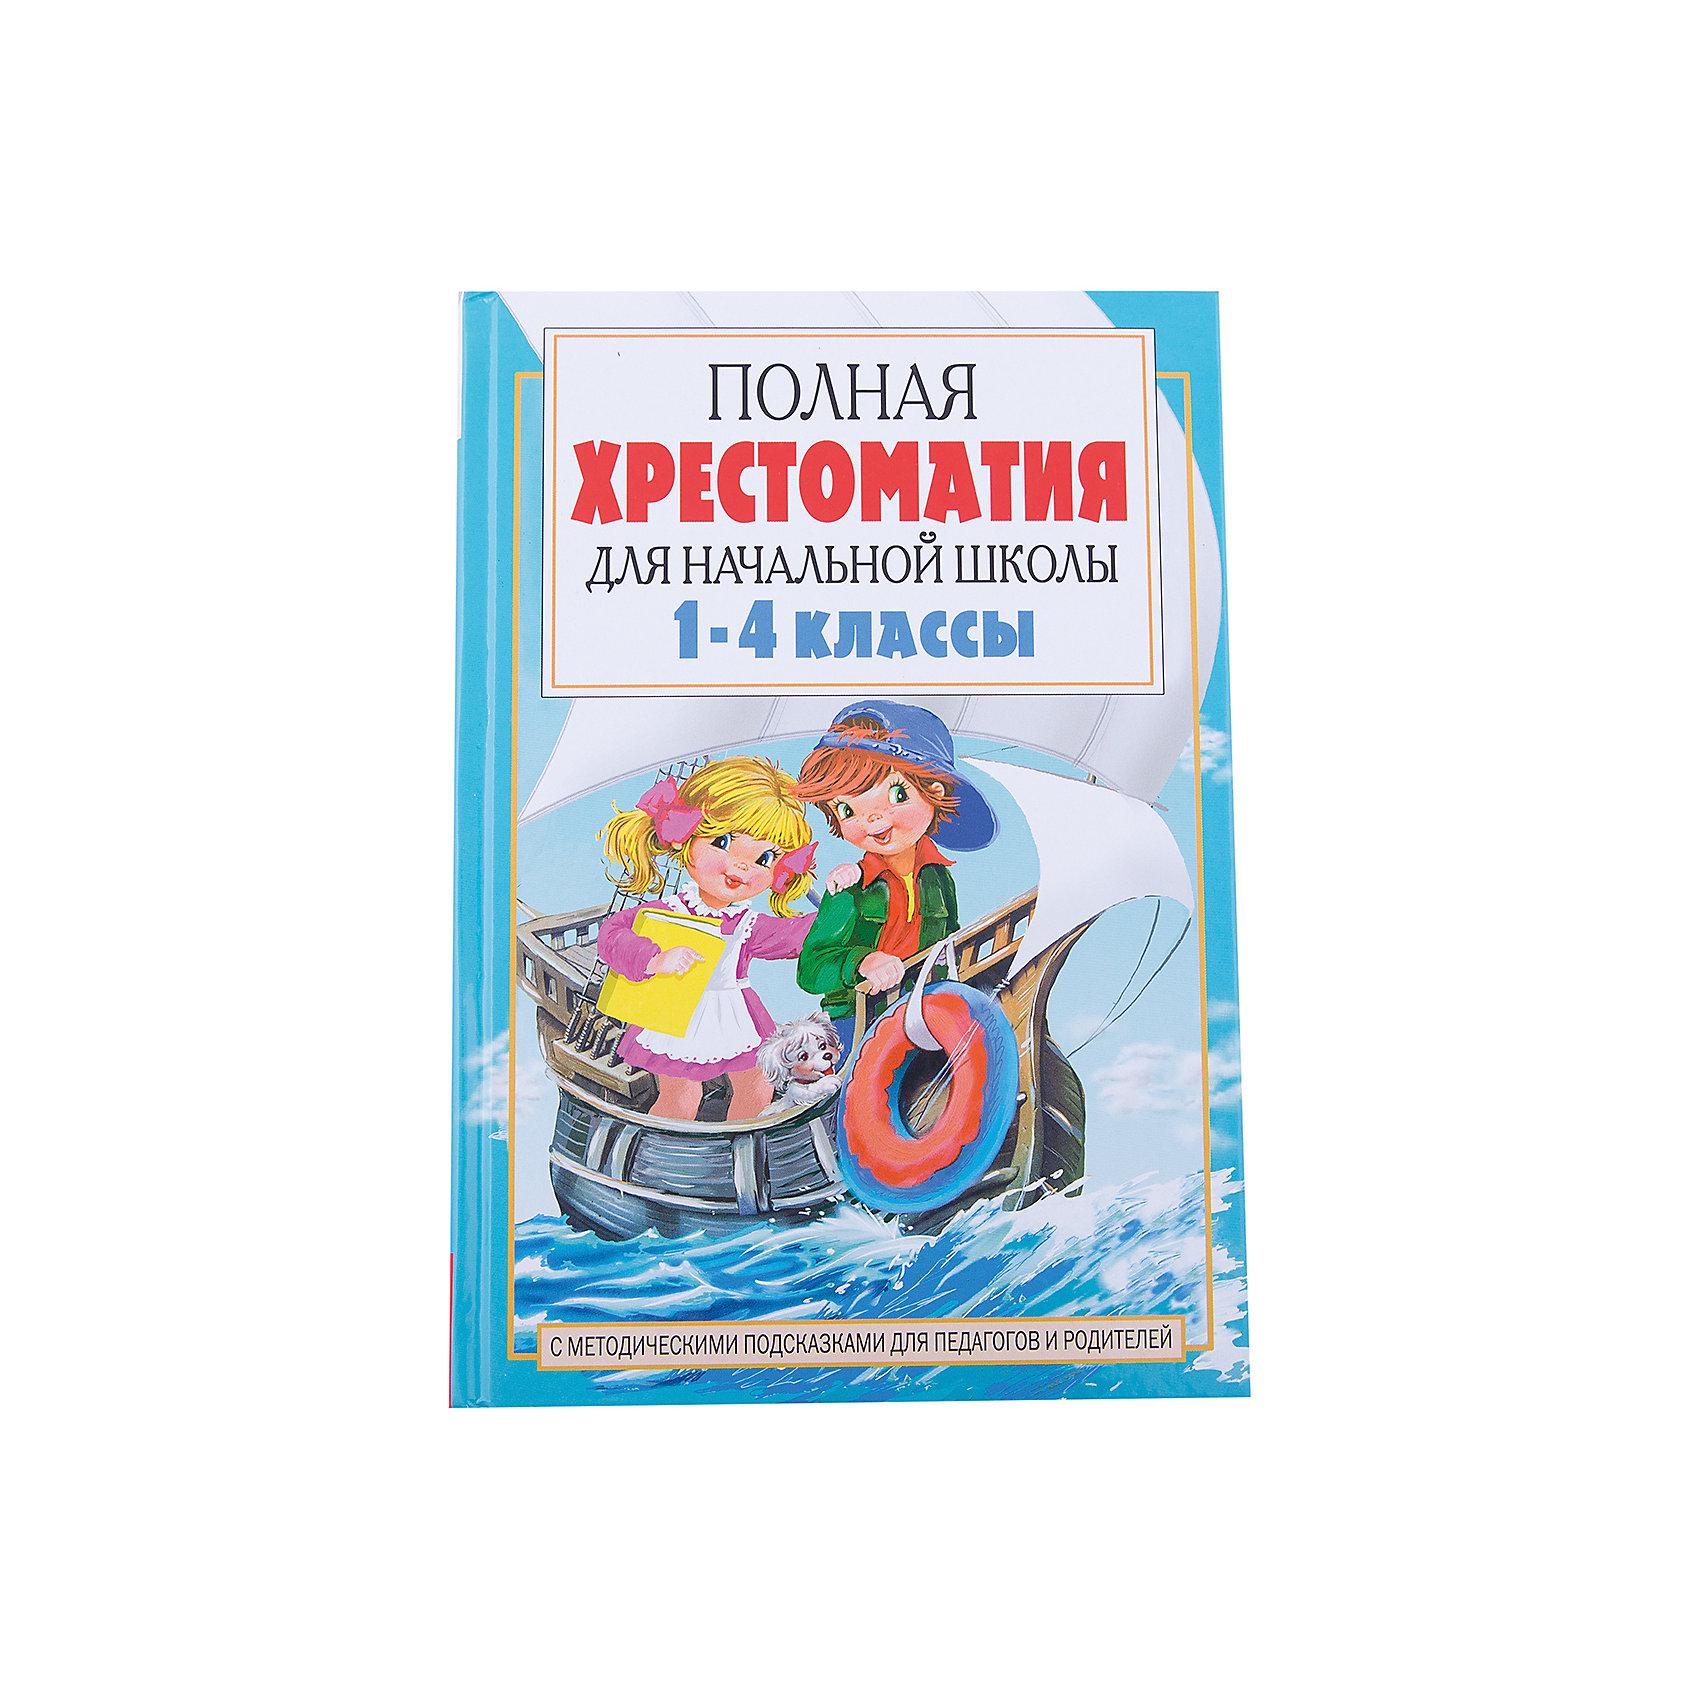 Полная хрестоматия для начальной школы, 1-4 классы, Книга 2Хрестоматии<br>Характеристики товара:<br><br>• ISBN:9785171003784;<br>• возраст: от 6 лет;<br>• иллюстрации: цветные;<br>• обложка: твердая;<br>• бумага: офсет;<br>• количество страниц: 656;<br>• формат:24х17х1,6 см.;<br>• вес: 895 гр.;<br>• автор: Пантелеев Л., Кассиль Л. А., Дьячков С.Г.;<br>• издательство:  АСТ;<br>• страна: Россия.<br><br>«Полная хрестоматия для начальной школы, 1-4 классы, Книга 2» - в книгу  включены произведения разных тем, жанров и направлений, в ней представлены авторы разных стран. <br><br>Хрестоматия предназначена для учащихся начальной школы. Тексты отобраны в соответствии с возрастом детей и сгруппированы в шесть жанрово-тематических разделов. Все разделы книги снабжены методическими рекомендациями для педагогов и родителей, вводными статьями и краткой информацией об авторах. В конце каждого раздела помещены контрольные вопросы, которые помогут юному читателю разобраться в содержании и особенностях художественной формы предлагаемых текстов. <br><br>Книга позволяет развивать интерес ребенка к чтению художественной литературы, воображение, умение творчески интерпретировать прочитанное, формировать навык чтения. Отличный выбор как для подарка, так и для собственного использования.<br><br>«Полная хрестоматия для начальной школы, 1-4 классы, Книга 2», 656 стр., Изд. АСТ  можно купить в нашем интернет-магазине.<br><br>Ширина мм: 235<br>Глубина мм: 162<br>Высота мм: 160<br>Вес г: 806<br>Возраст от месяцев: 84<br>Возраст до месяцев: 2147483647<br>Пол: Унисекс<br>Возраст: Детский<br>SKU: 6848317